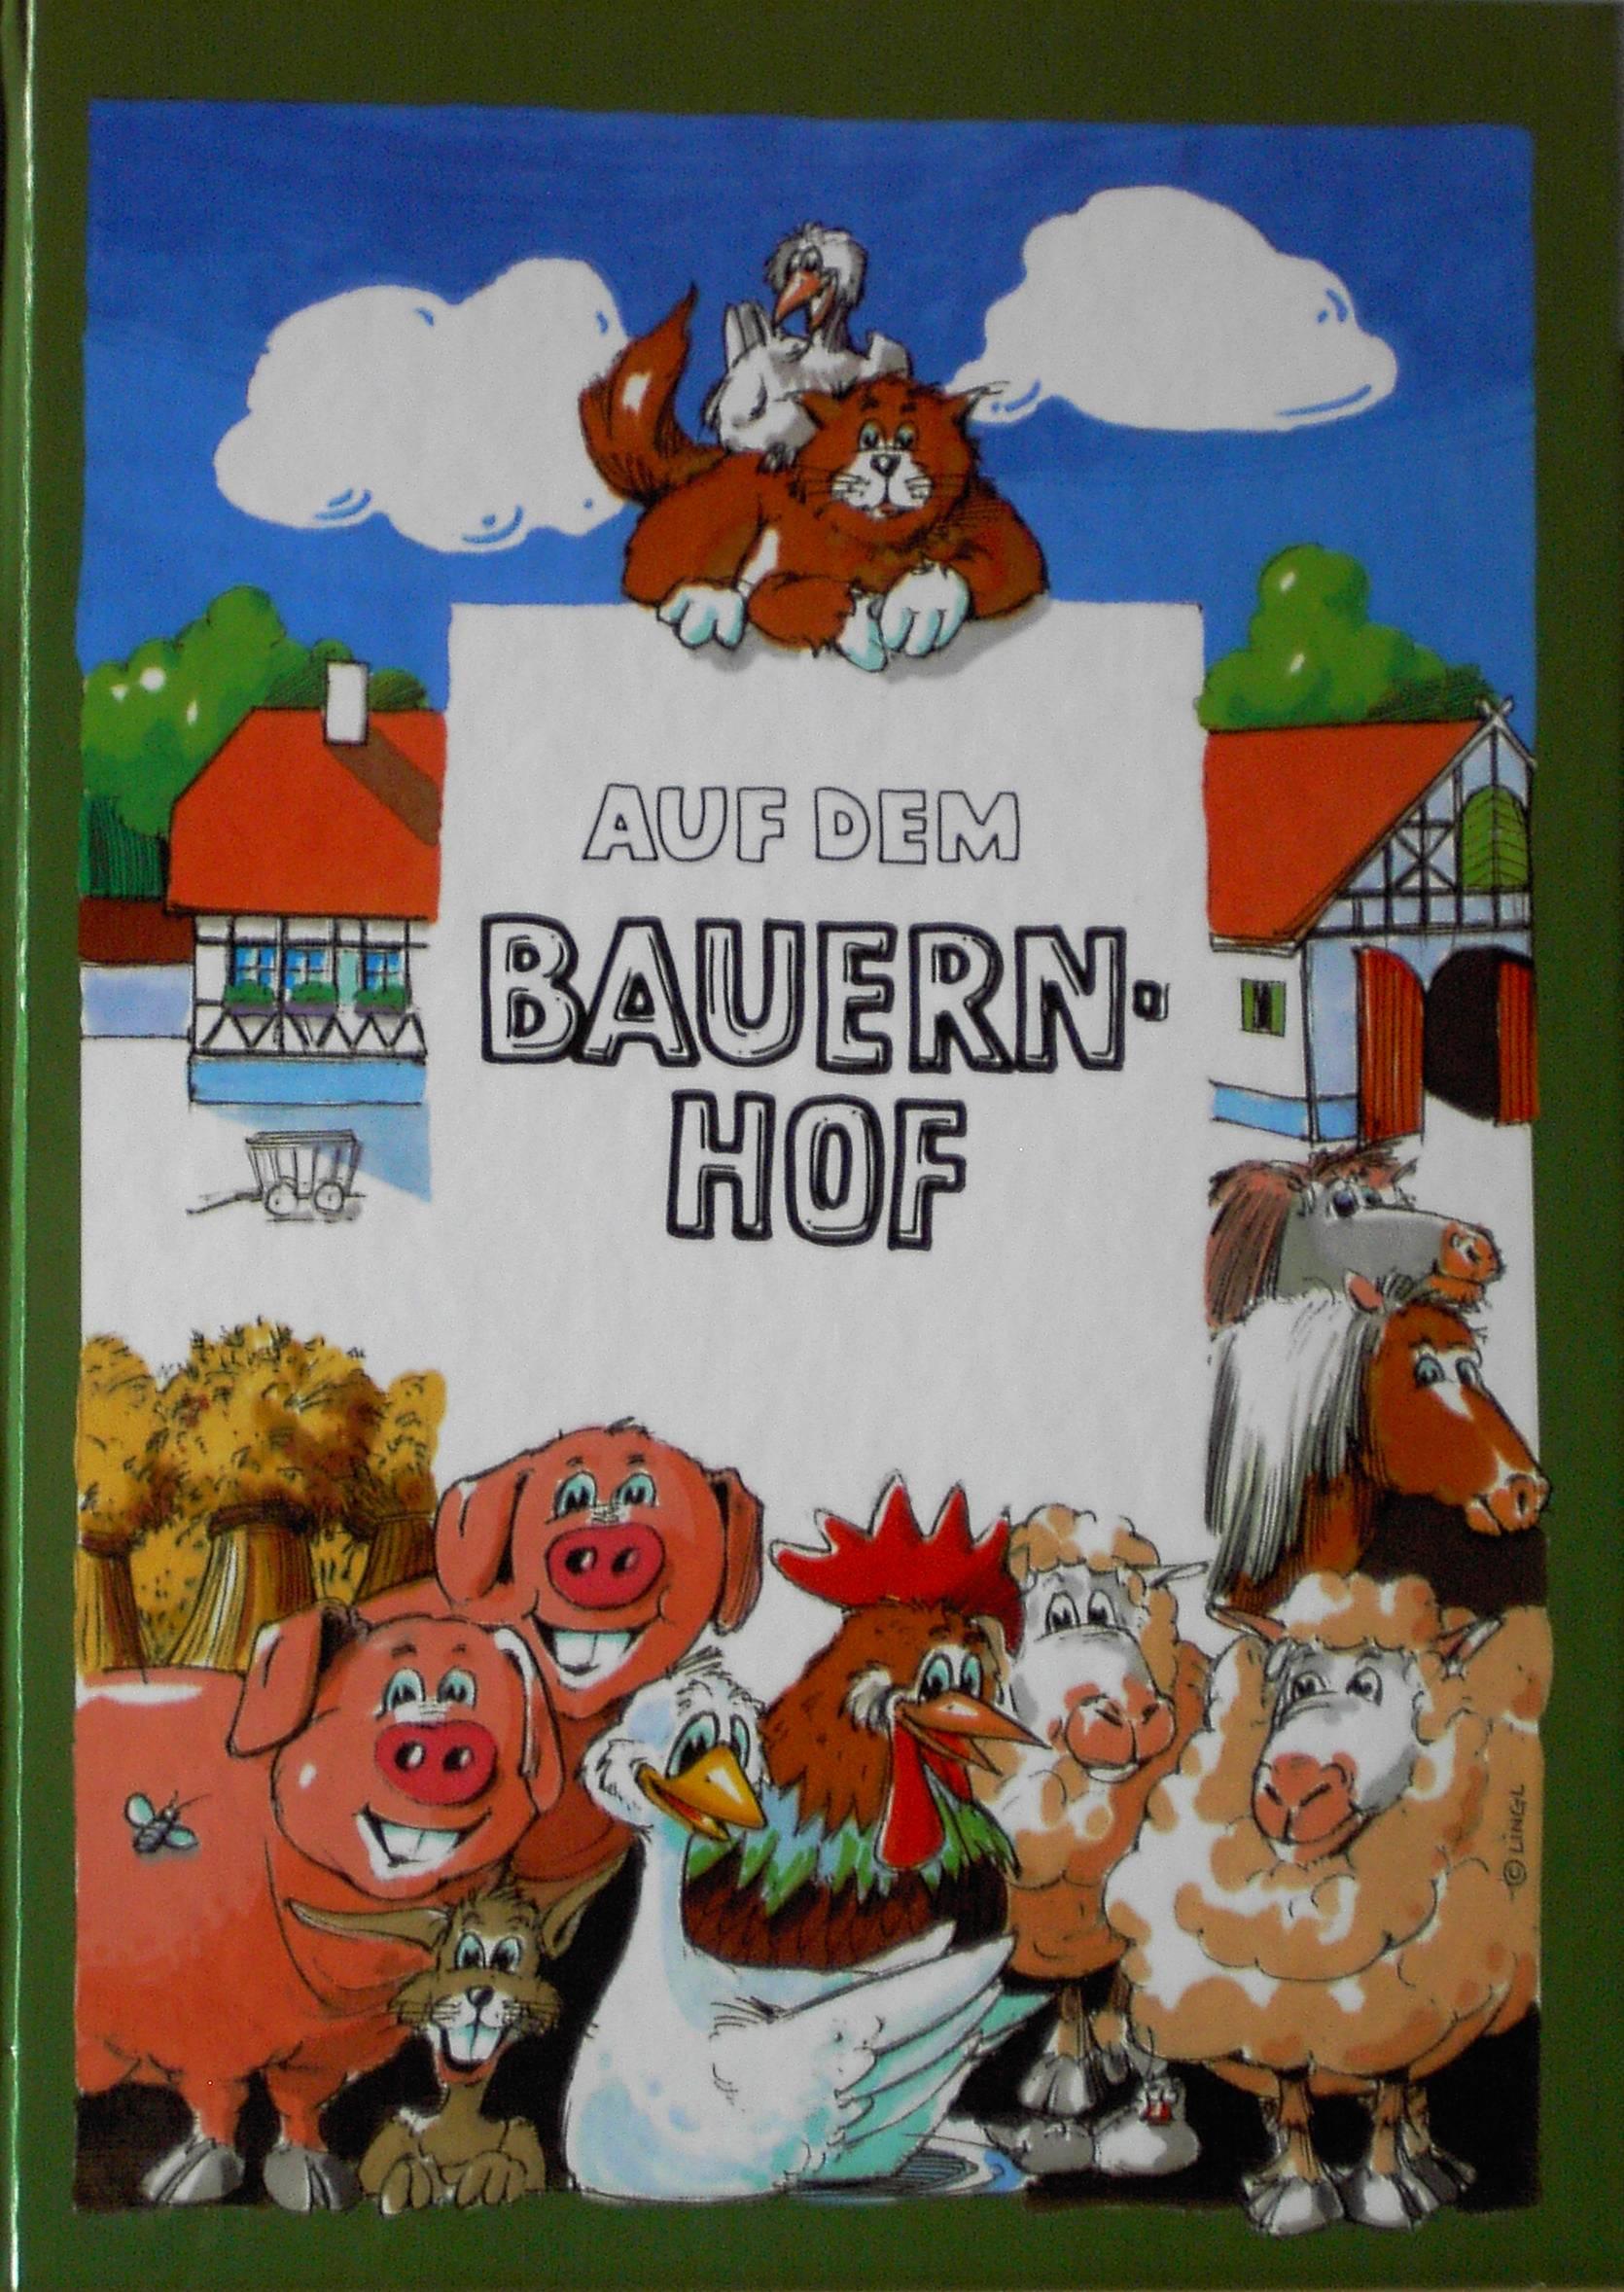 1548751850_Bauernhof.jpg